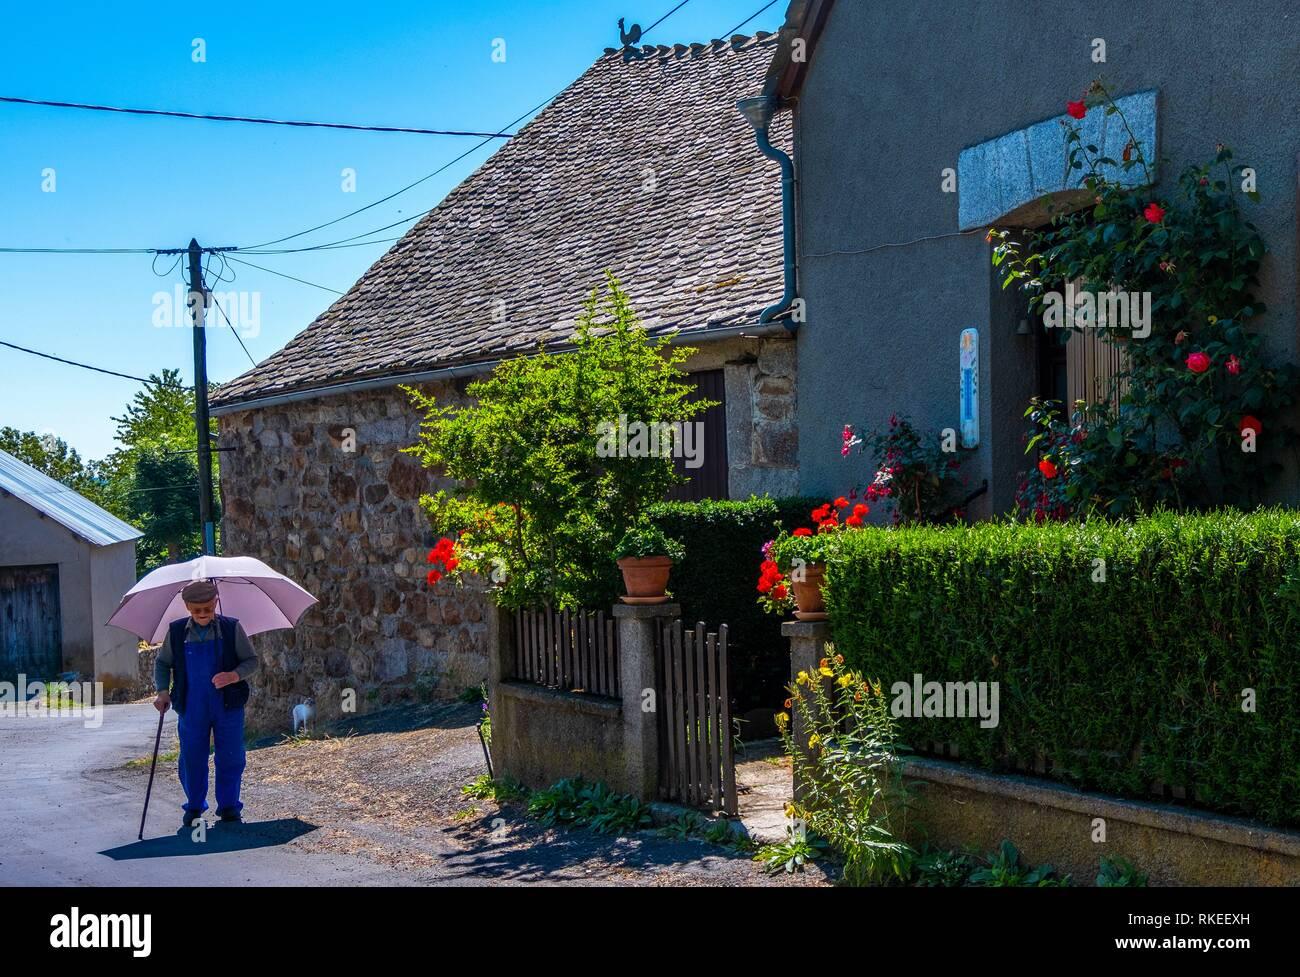 France, Occitanie, Lozére, at La Chaze de Peyre, in the Aubrac area. Pilgrimage way to Santiago de Compostela. - Stock Image